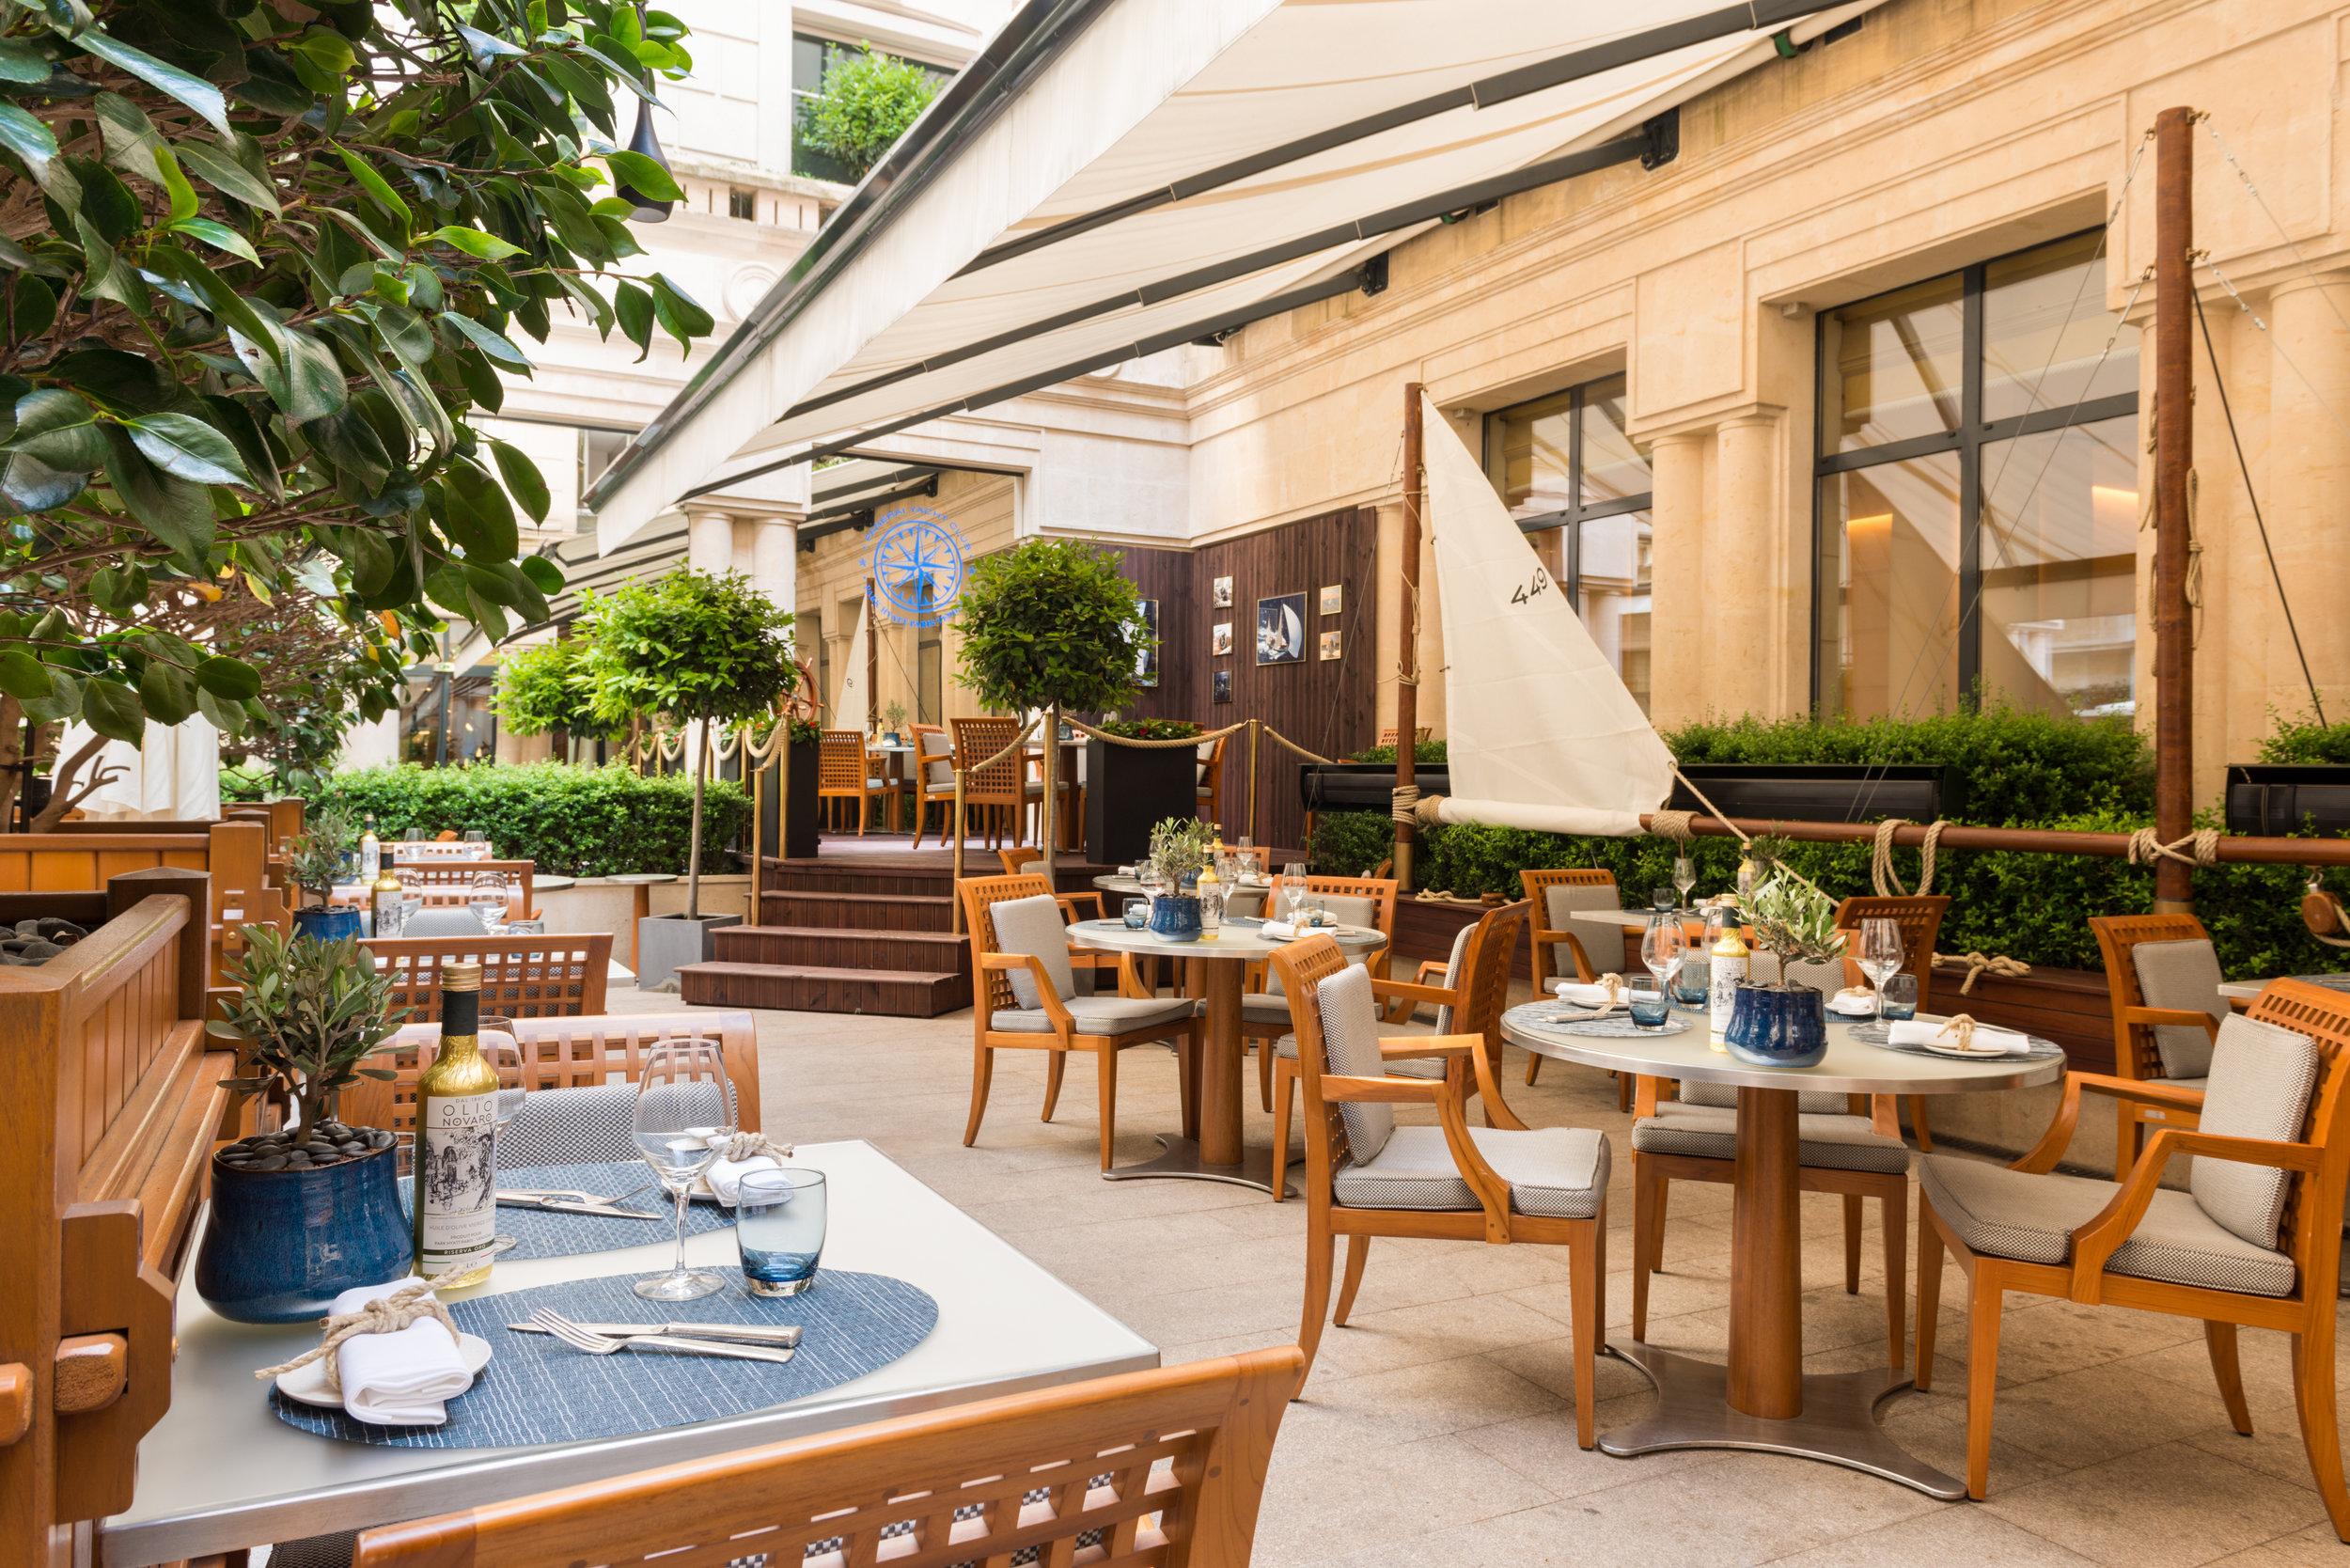 Panerai Terrace - 5* Hotel Park Hyatt Paris-Vendôme